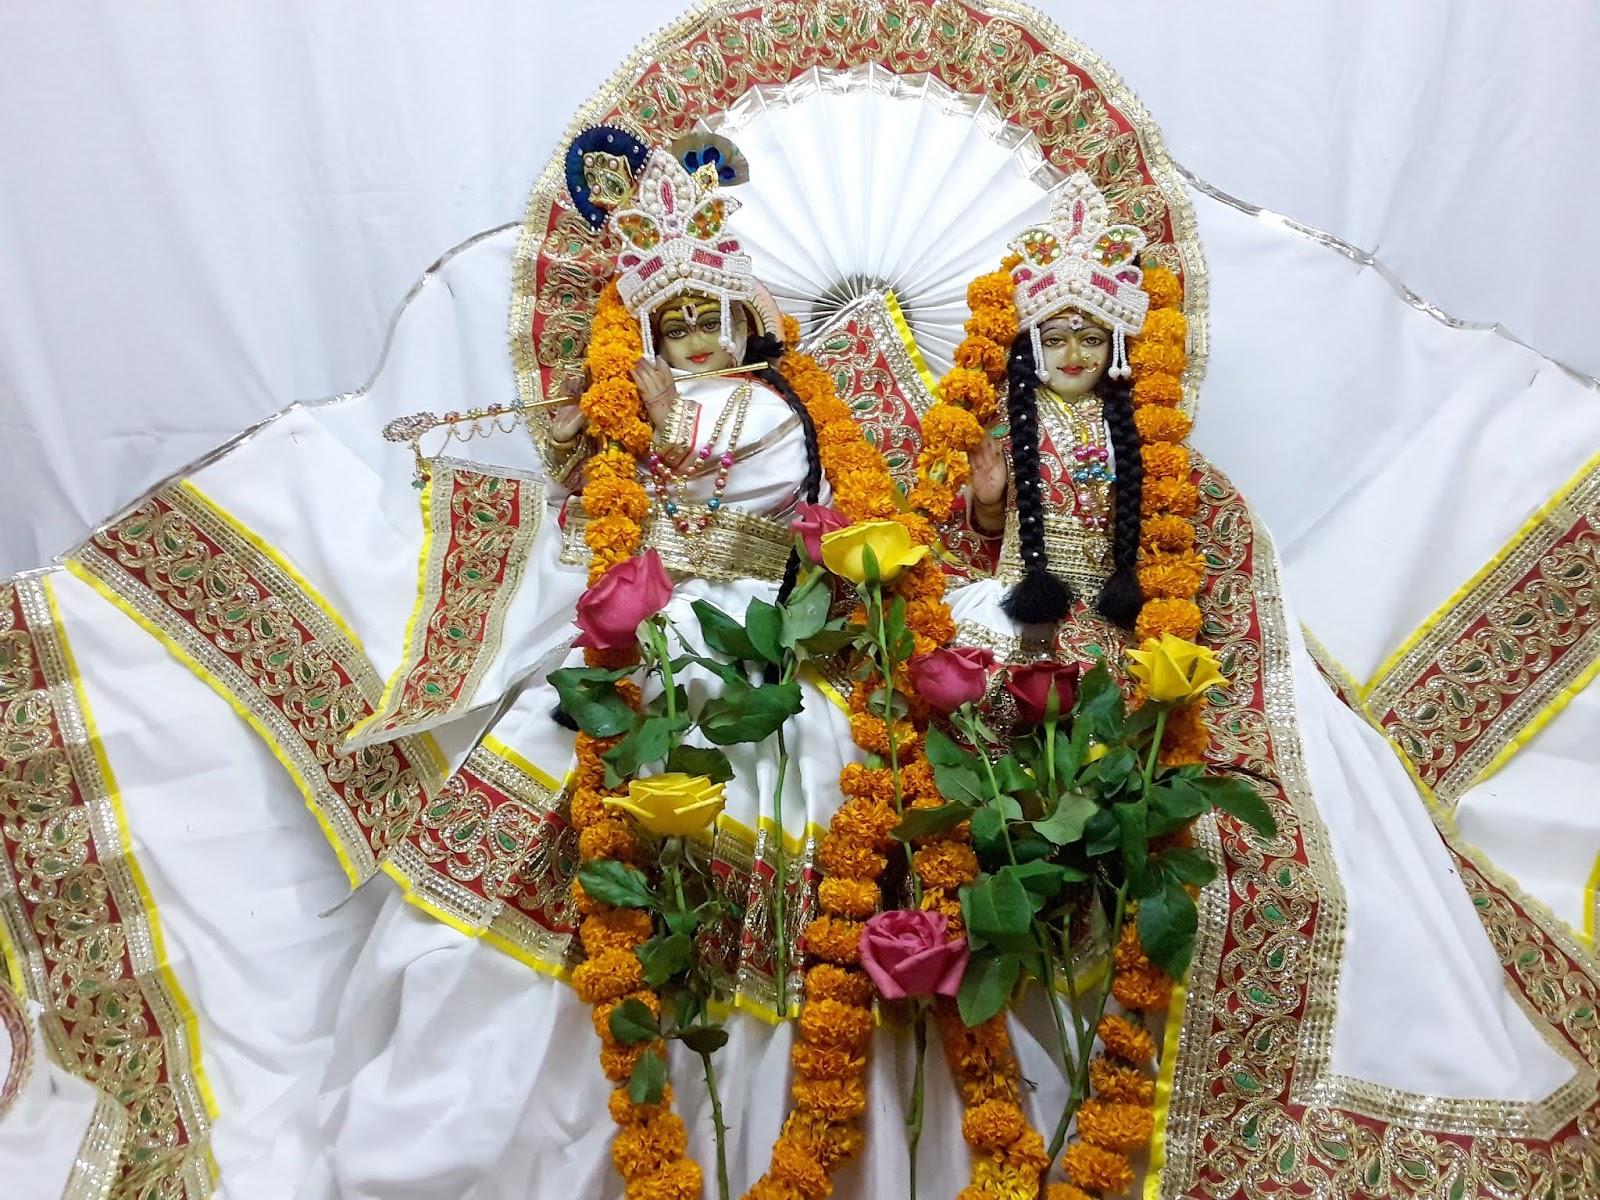 15 th स्थापना दिवस महोत्सव कीर्तन - राधा कृष्ण मंदिर - 3-7-2018